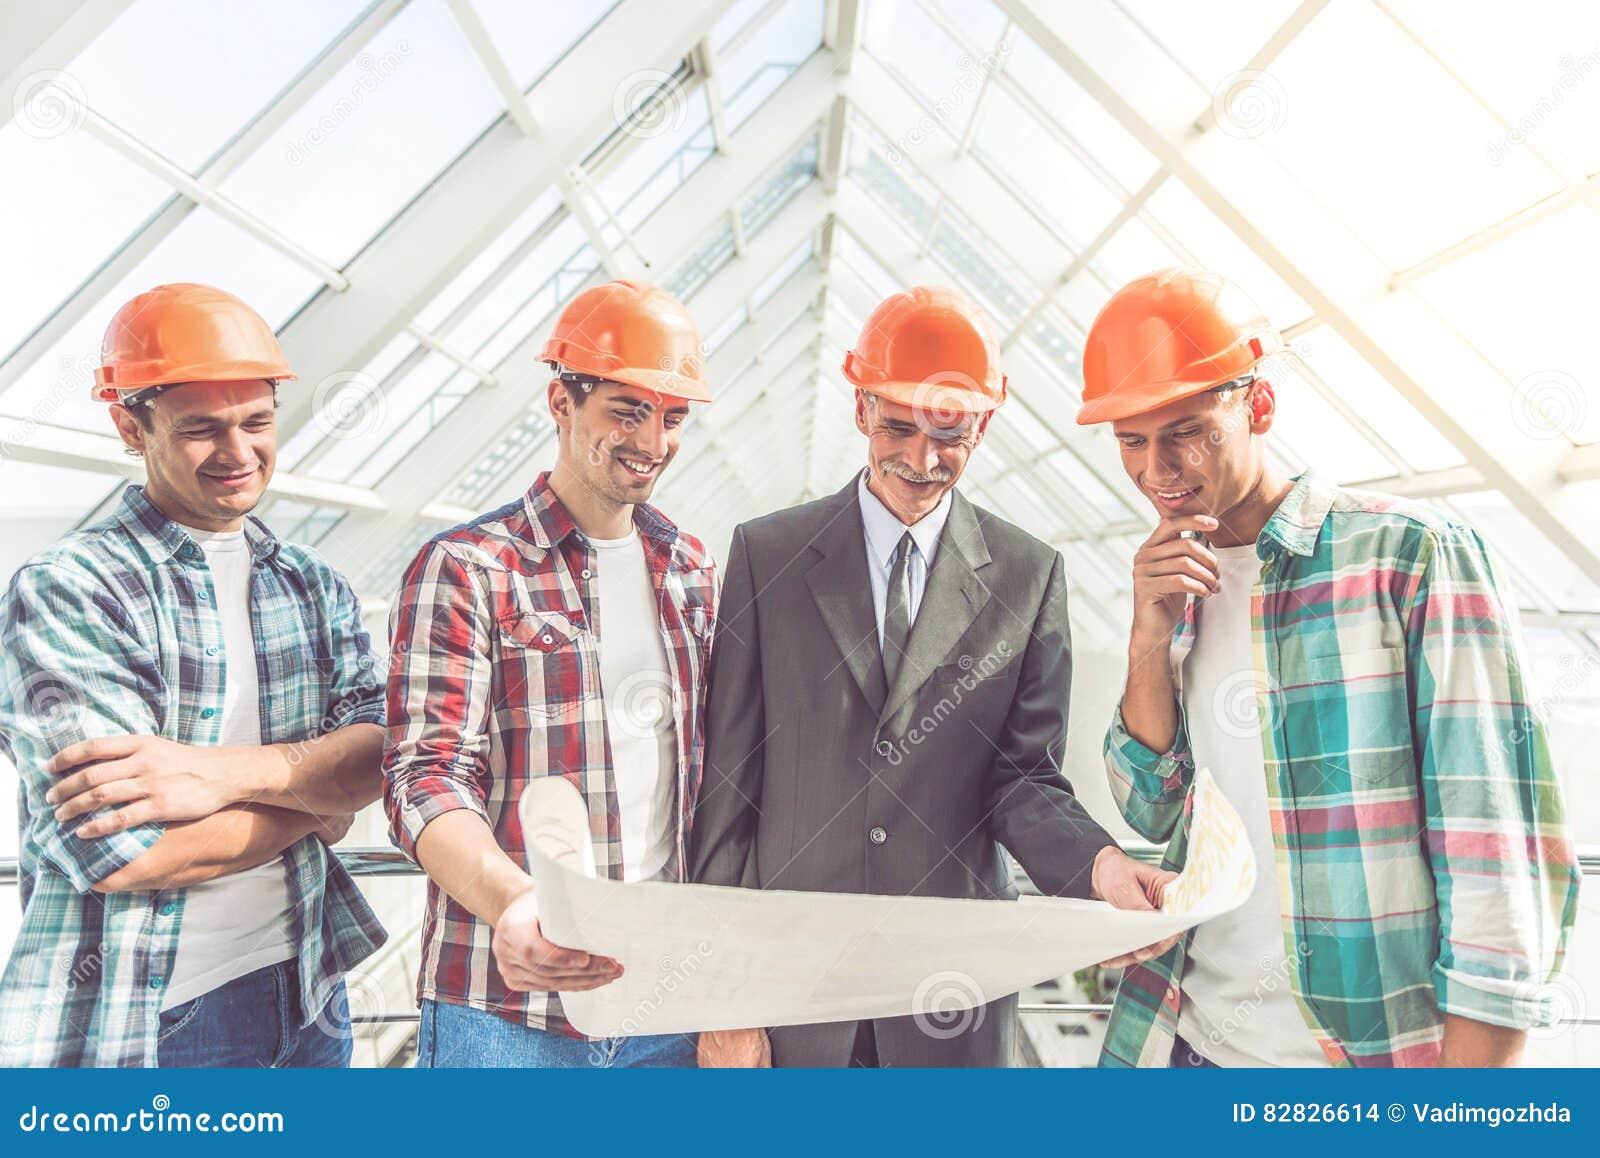 Εργαζόμενοι Οικοδομικής Βιομηχανίας